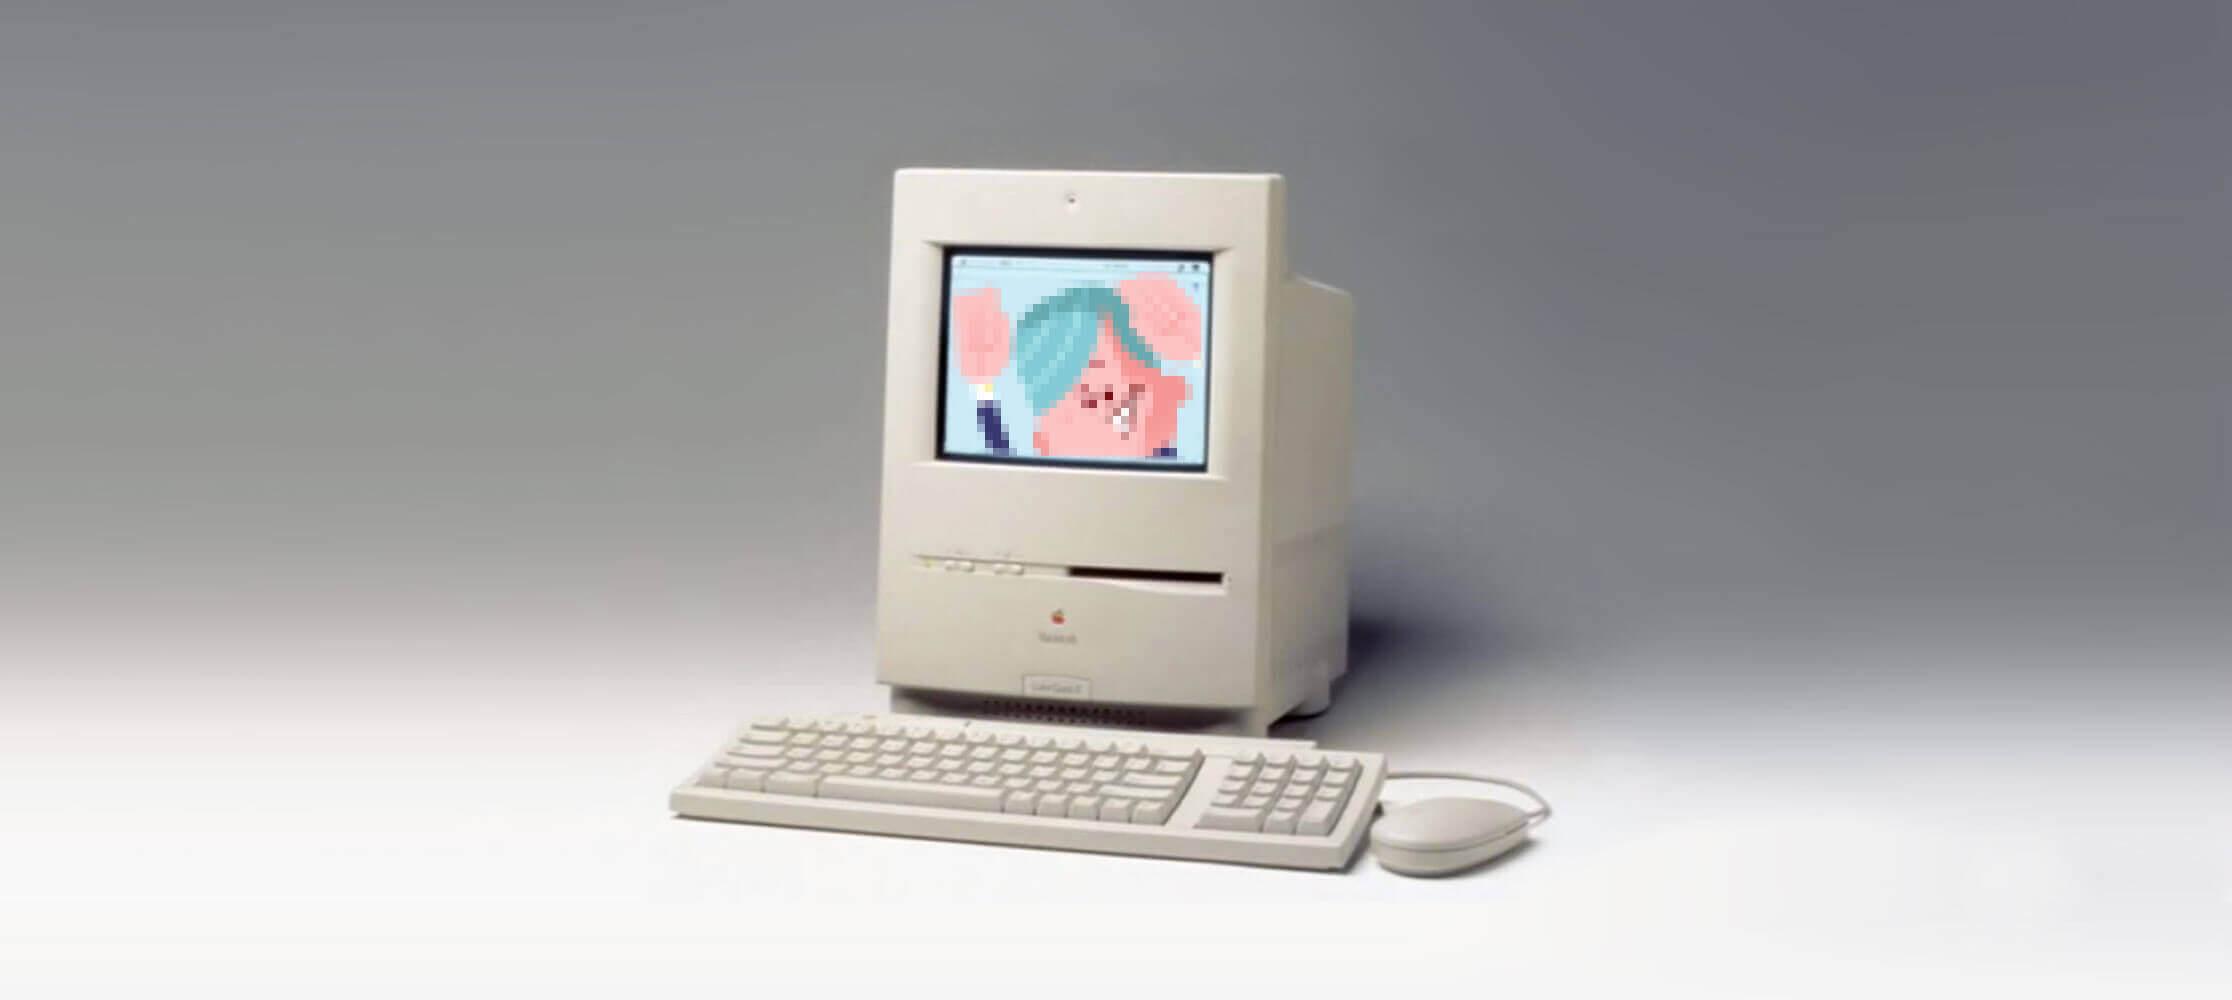 Color-classic-mobile